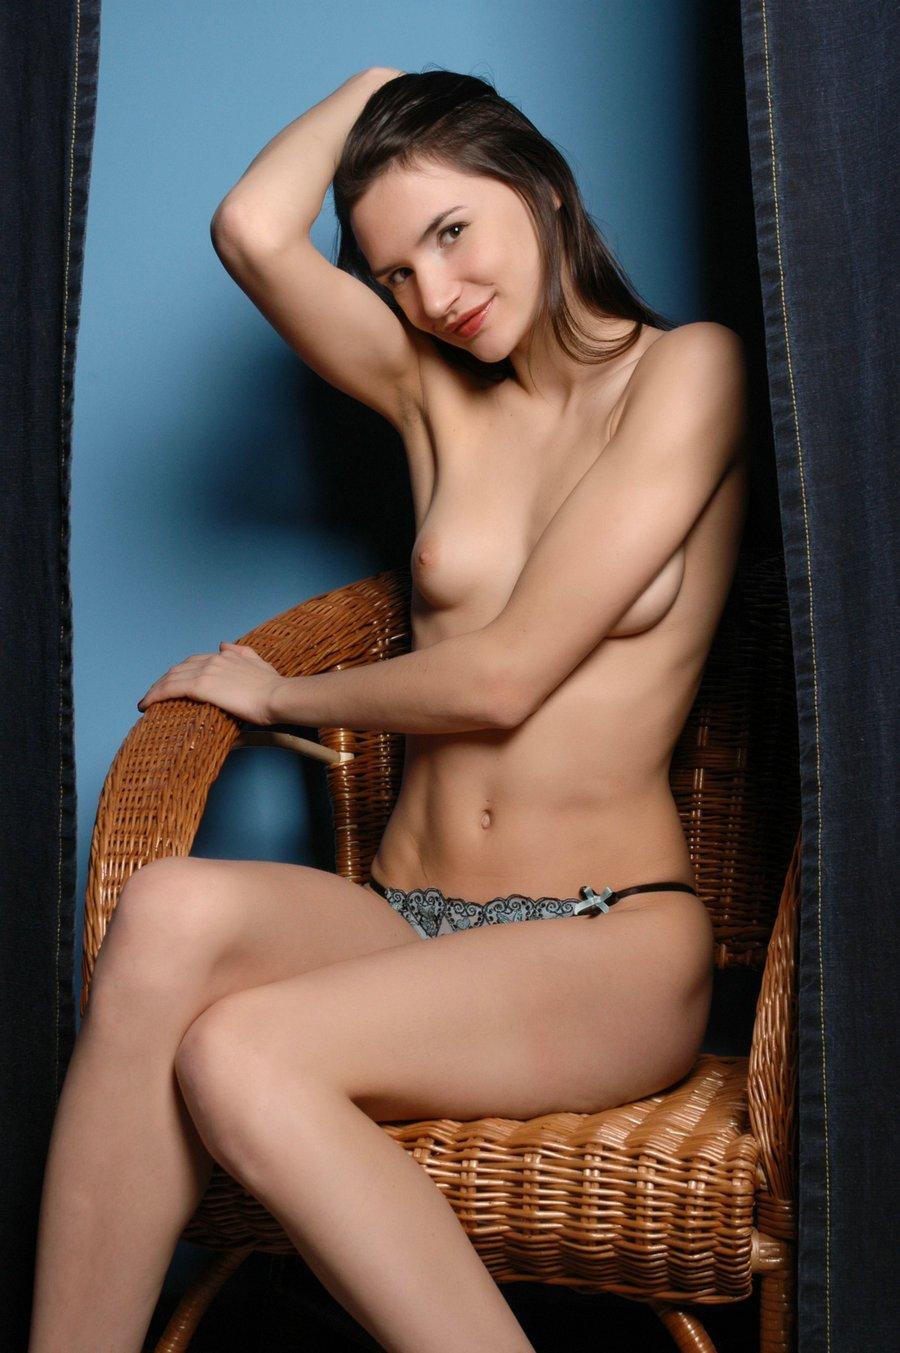 蓝色背景室拍藤椅上的长头发名模_好湿好多水舌头伸进去